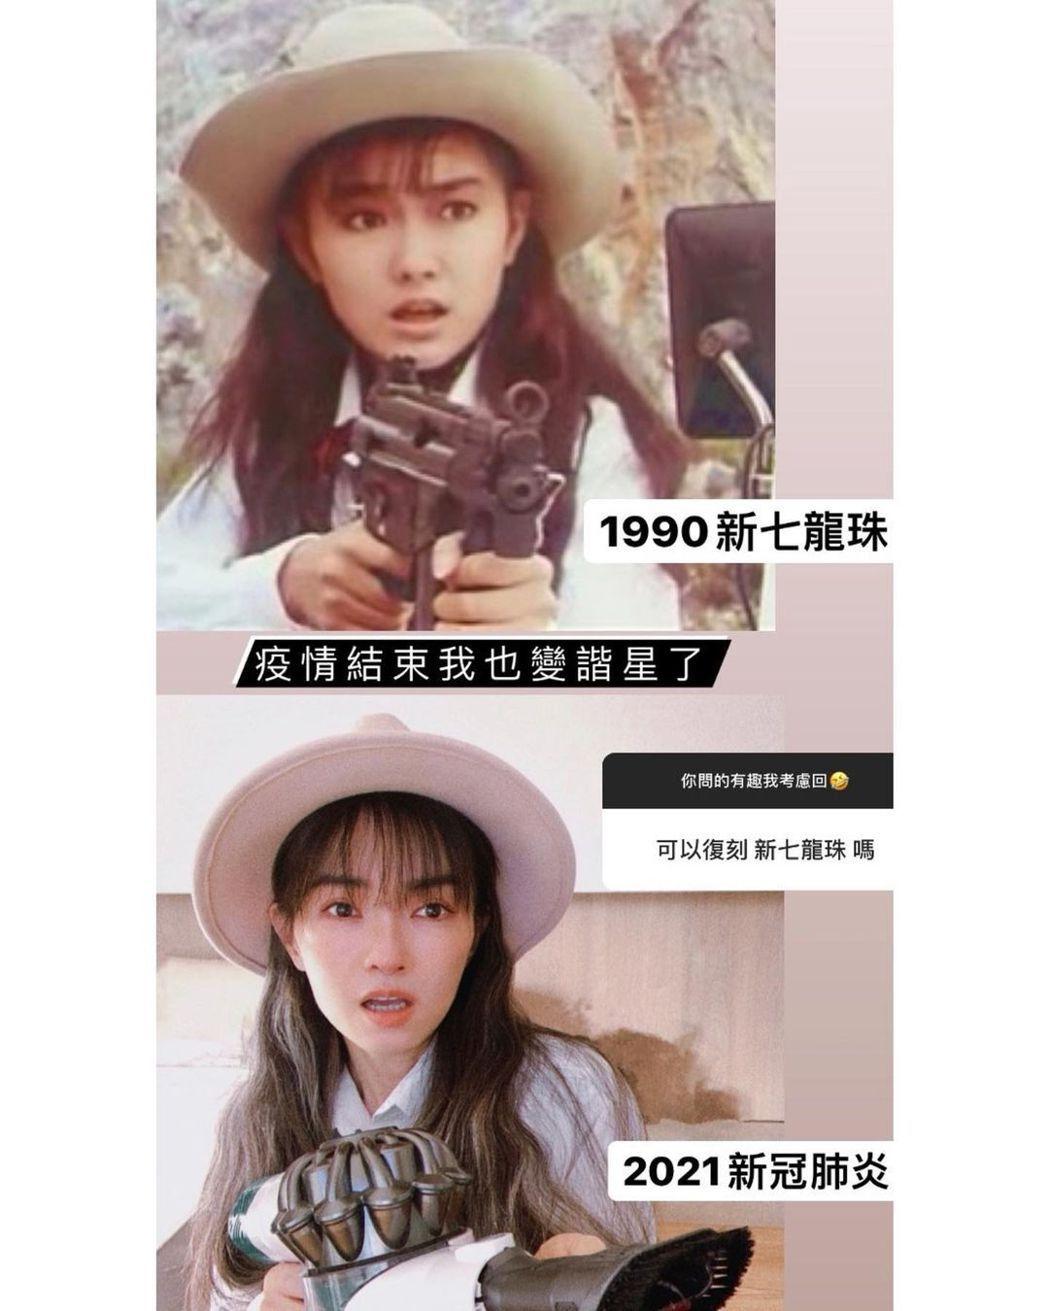 謝金燕復刻30年前模樣。 圖/擷自謝金燕IG